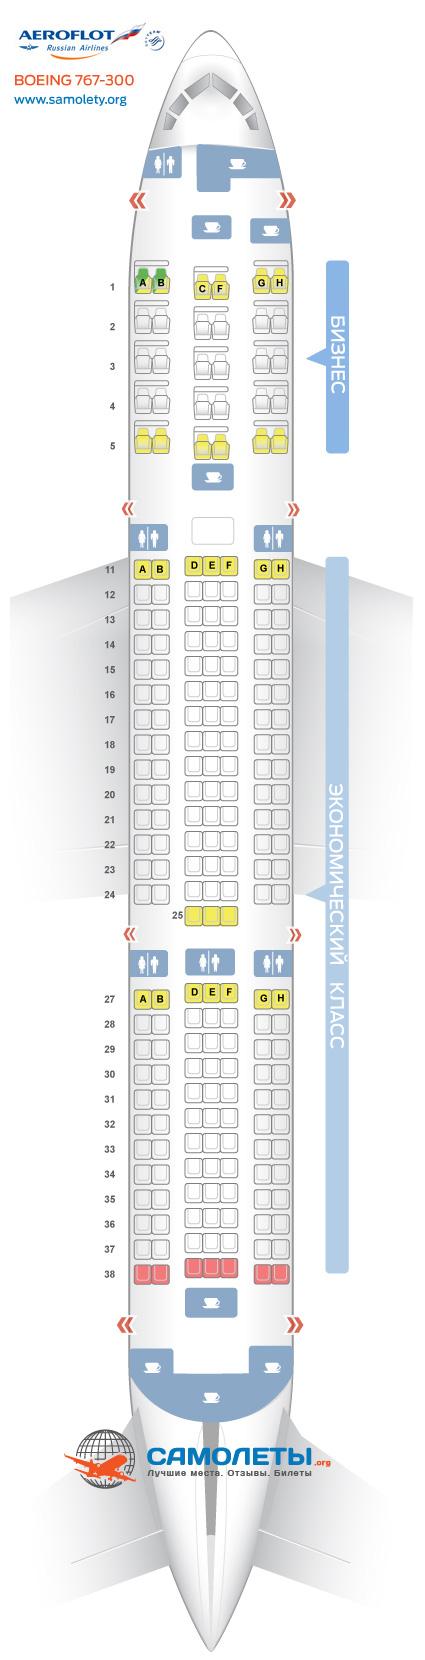 боинг 767 200 схема салона ютэйр